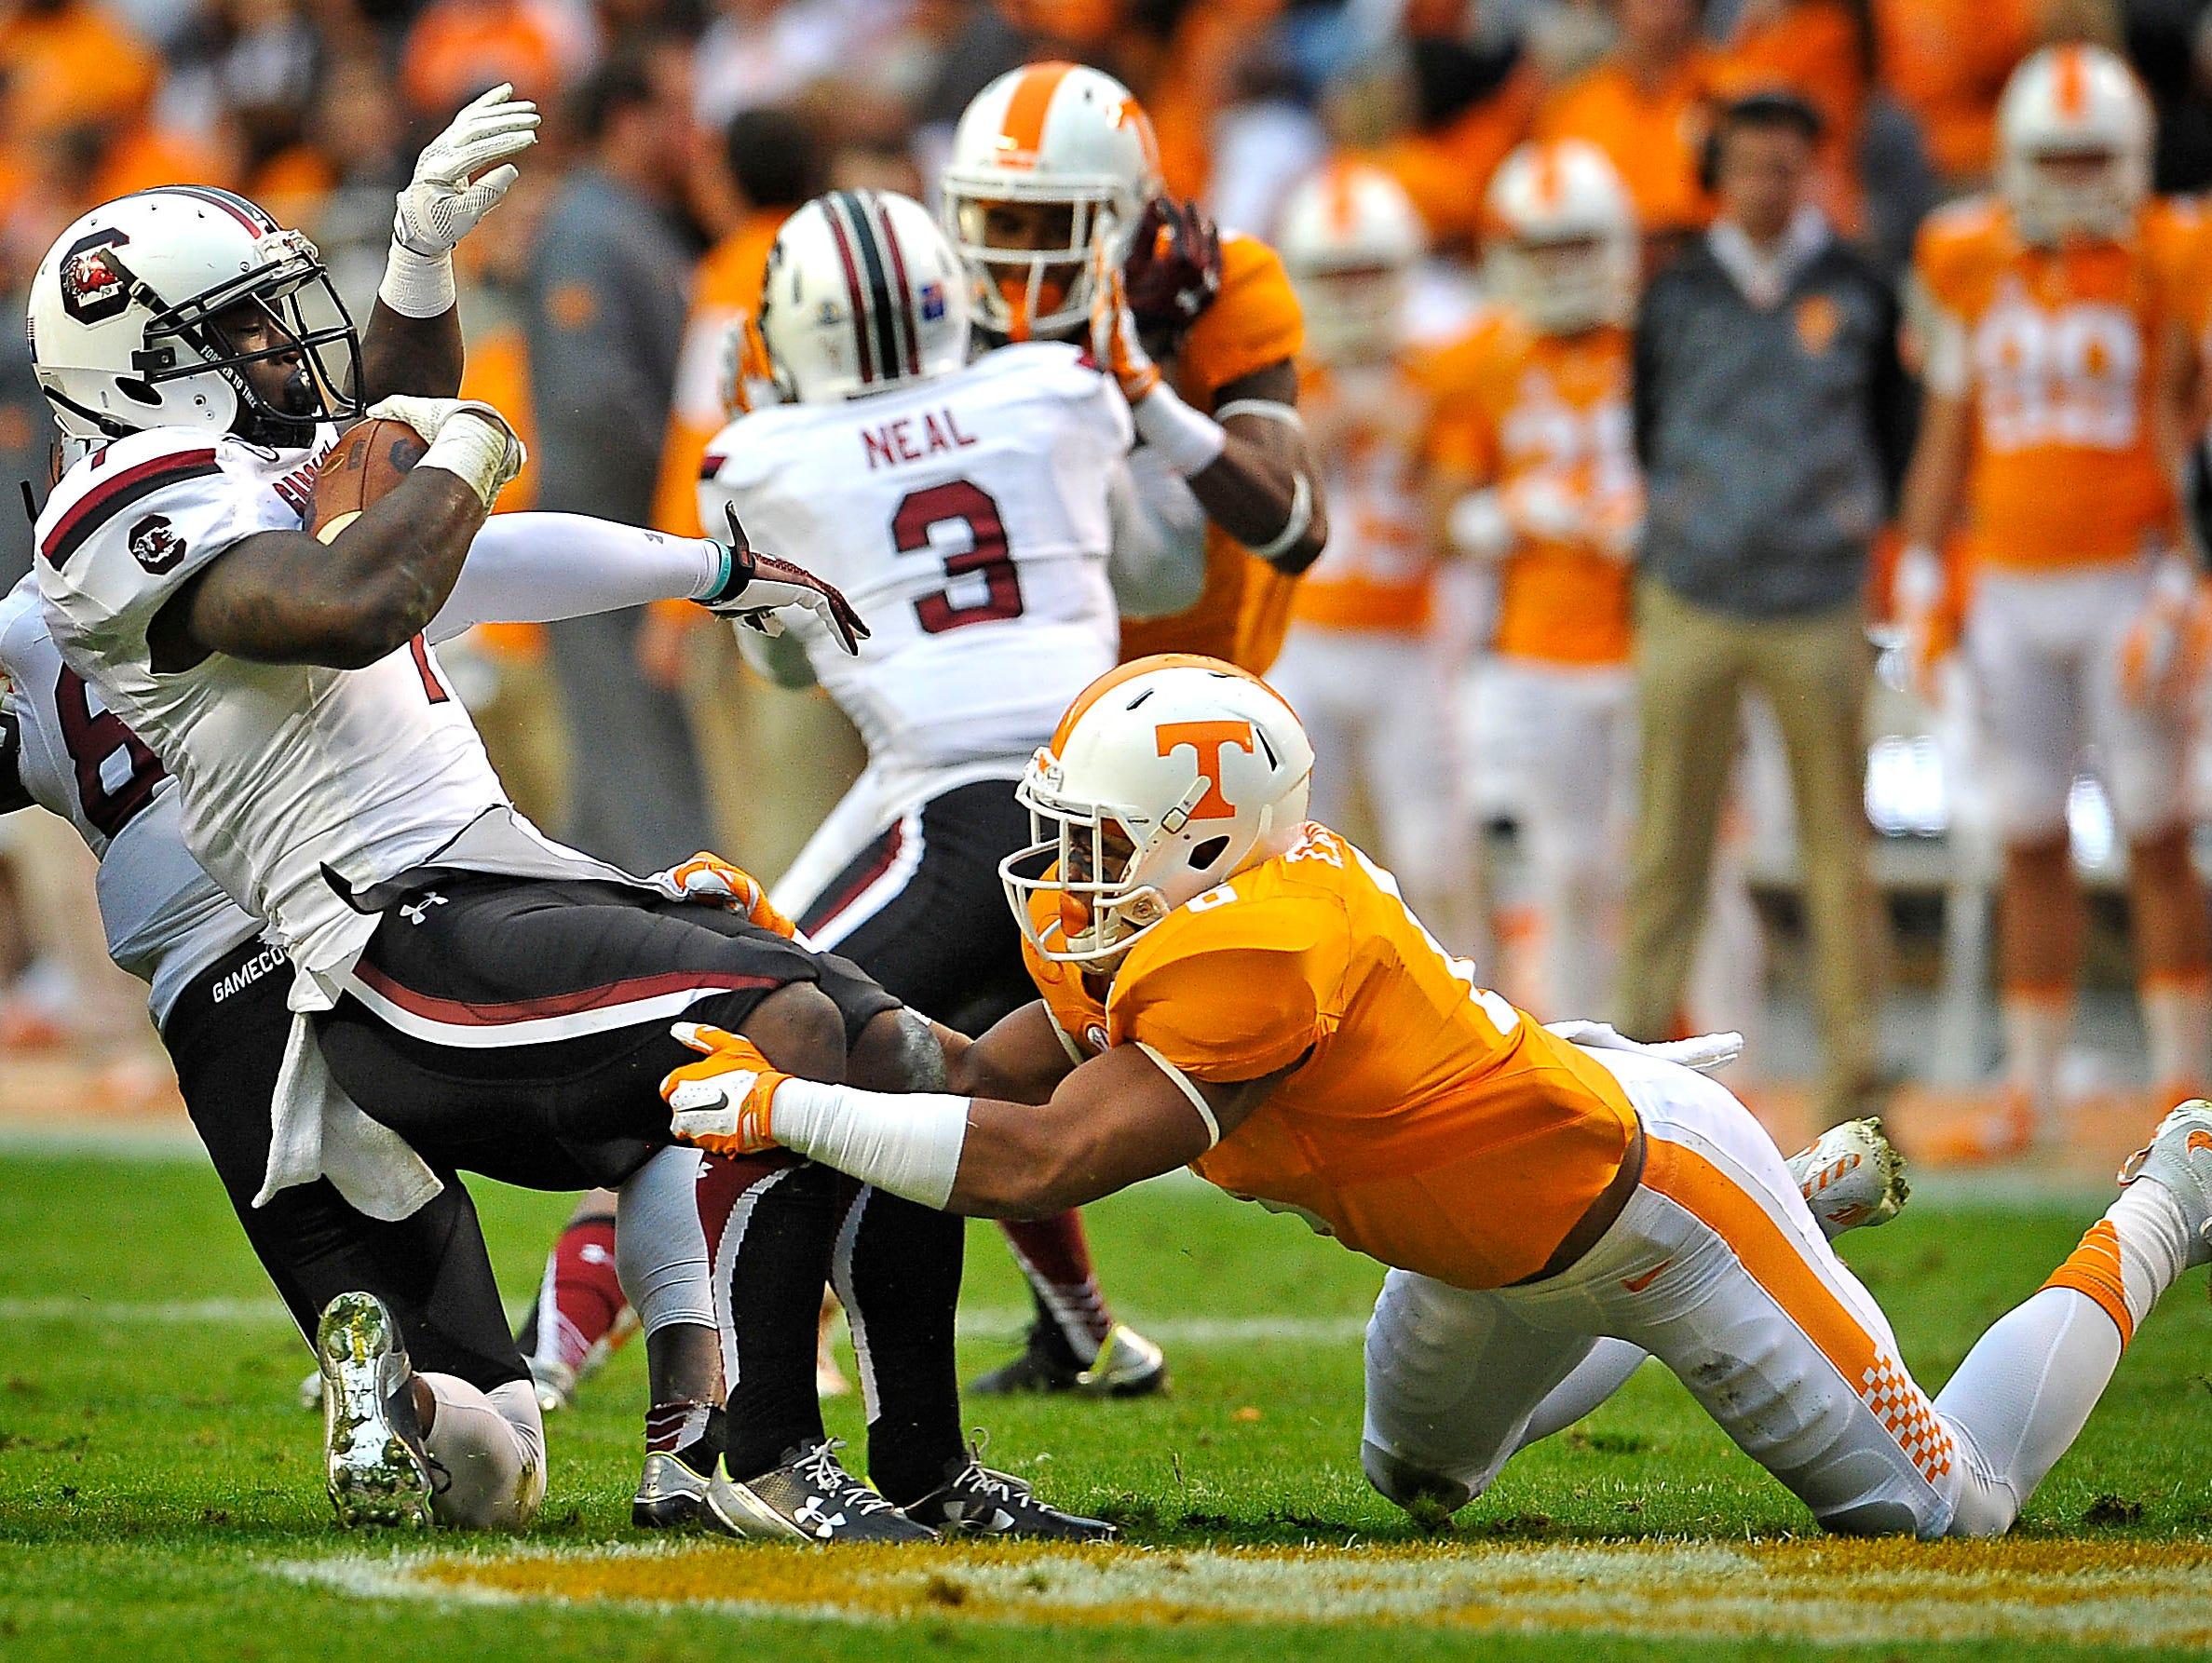 Tennessee defensive back Todd Kelly Jr. (6) tackles South Carolina running back Shon Carson (7) on Nov. 7, 2015.